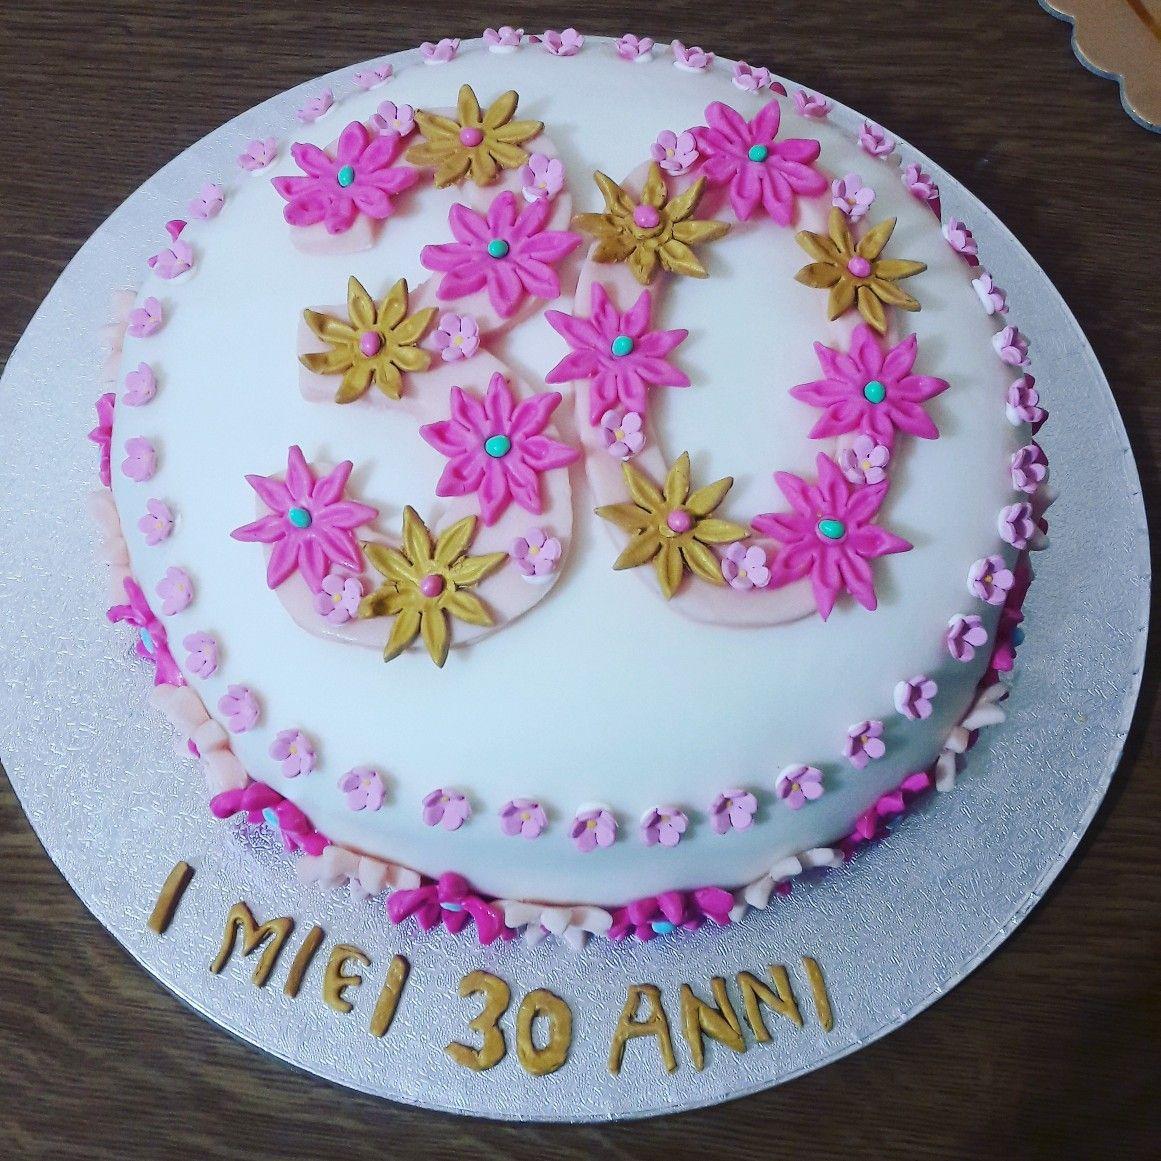 Torta per i miei 30 anni realizzata interamente a mano in pasta di zucchero  ❤